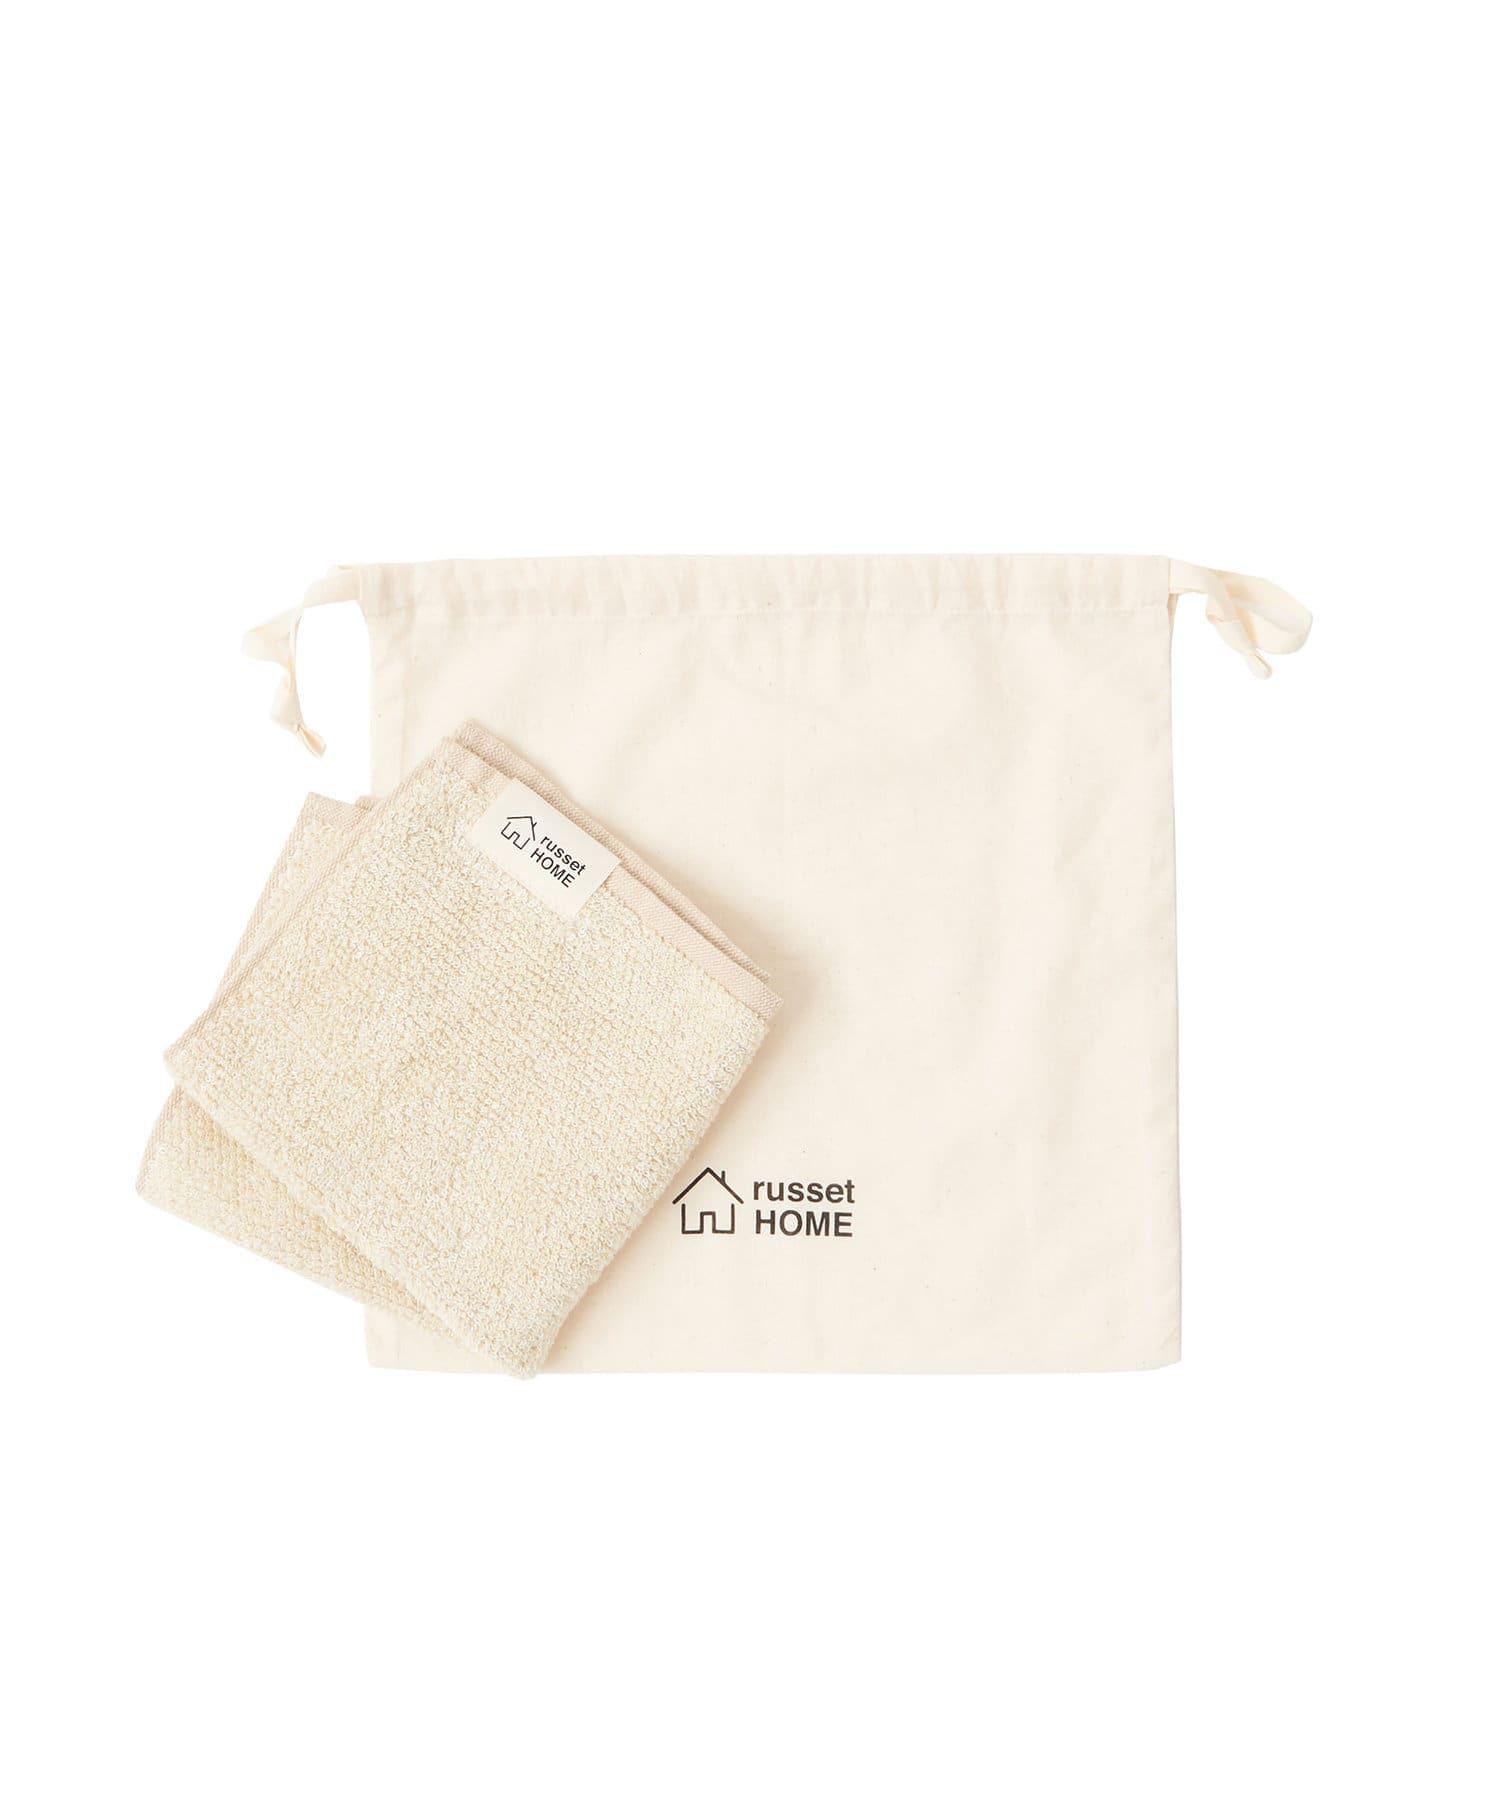 russet(ラシット) レディース 【cocochiena】巾着付きハンドタオル(N-001) アイボリー